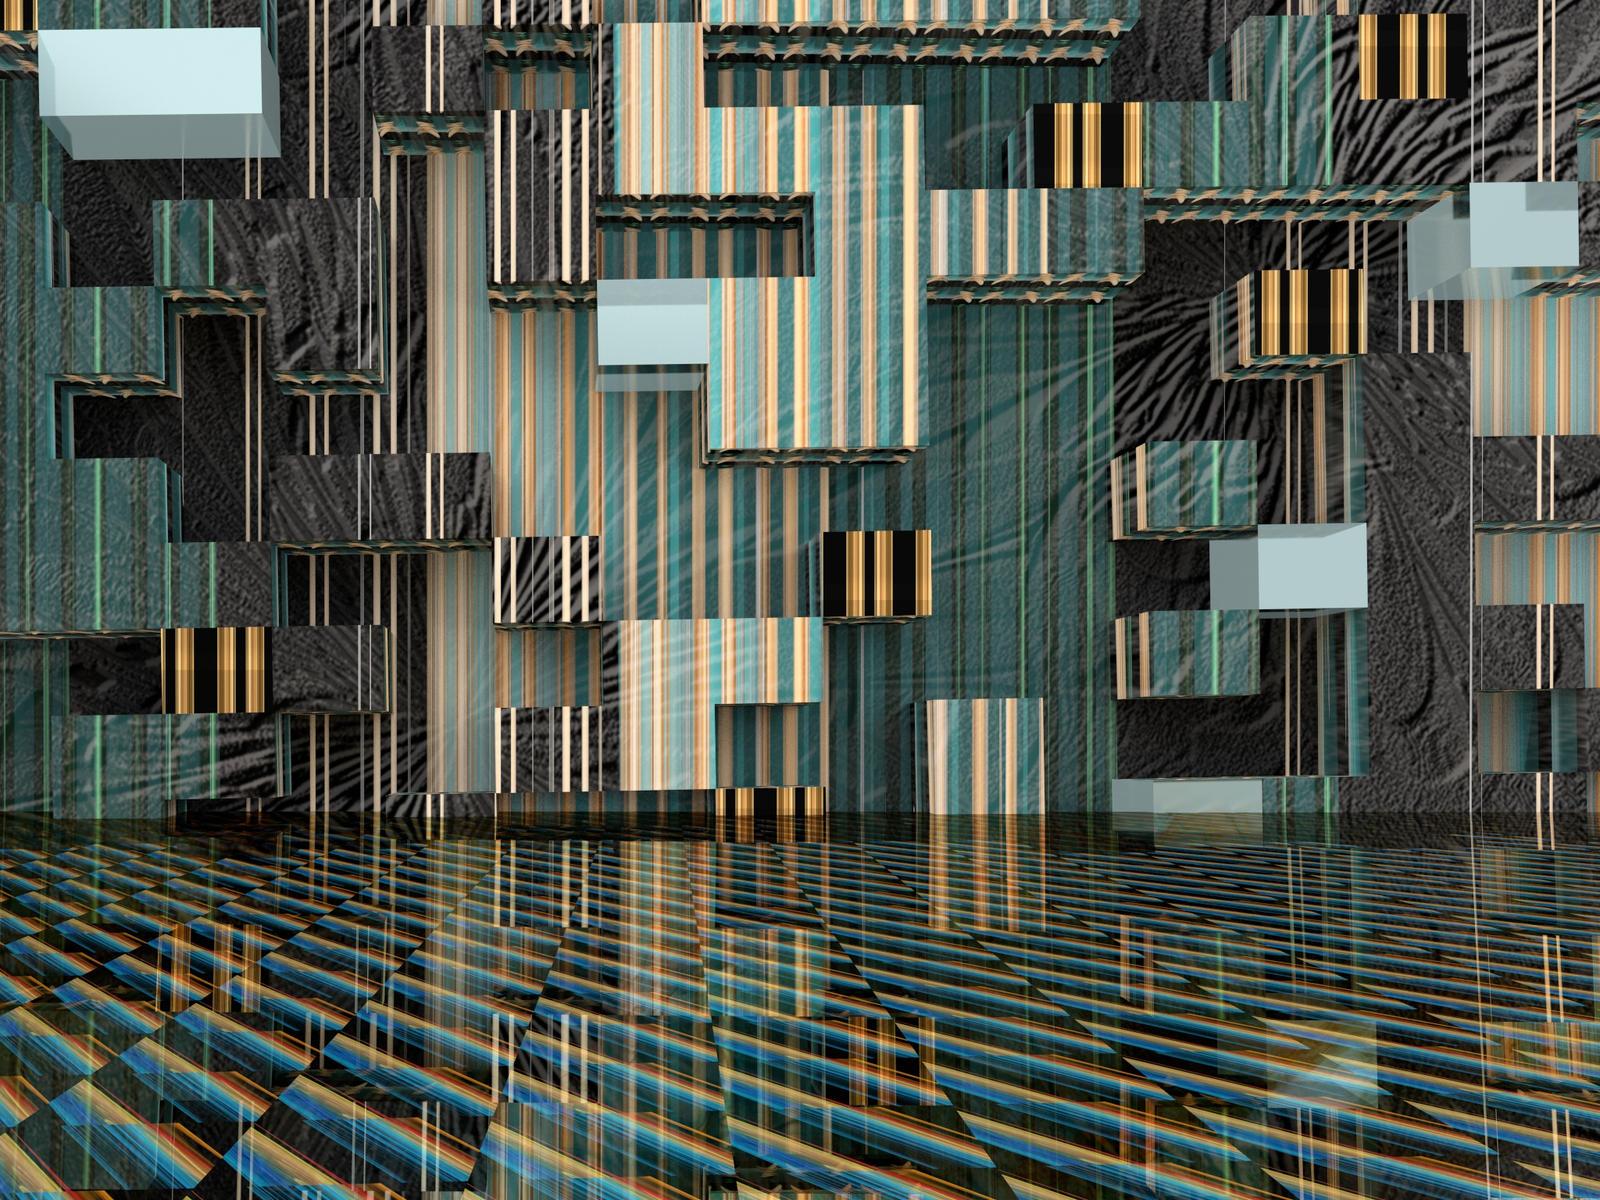 Computer World by Joe-Maccer